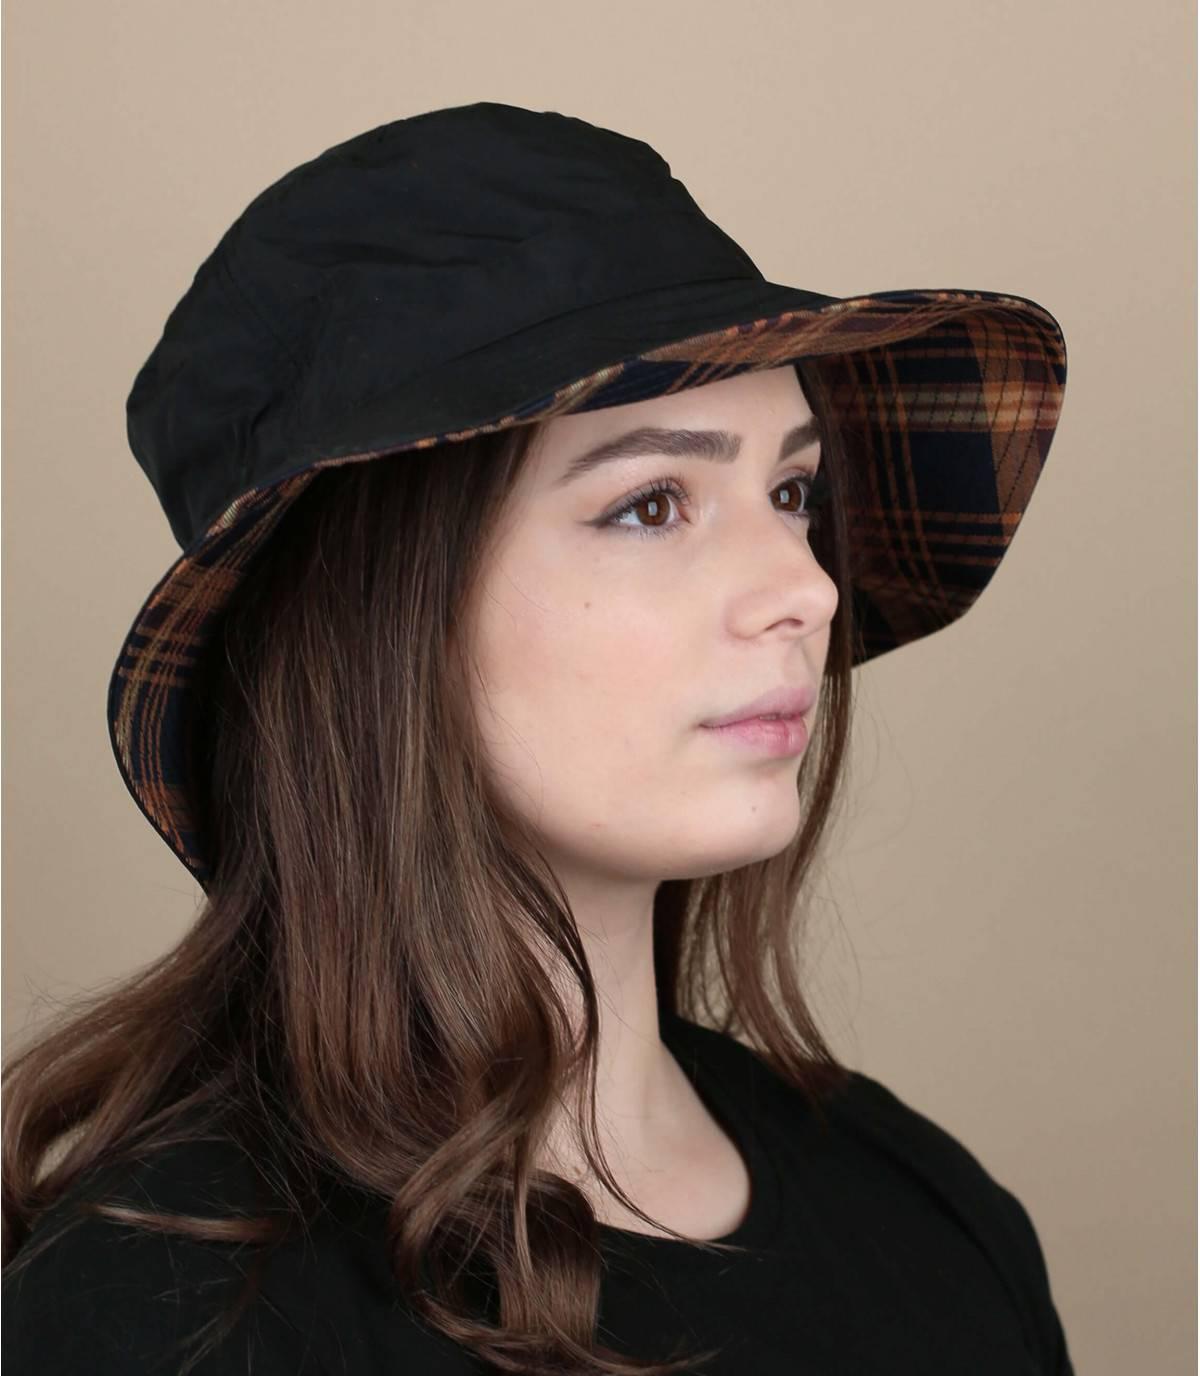 Black bucket hat weatherproof